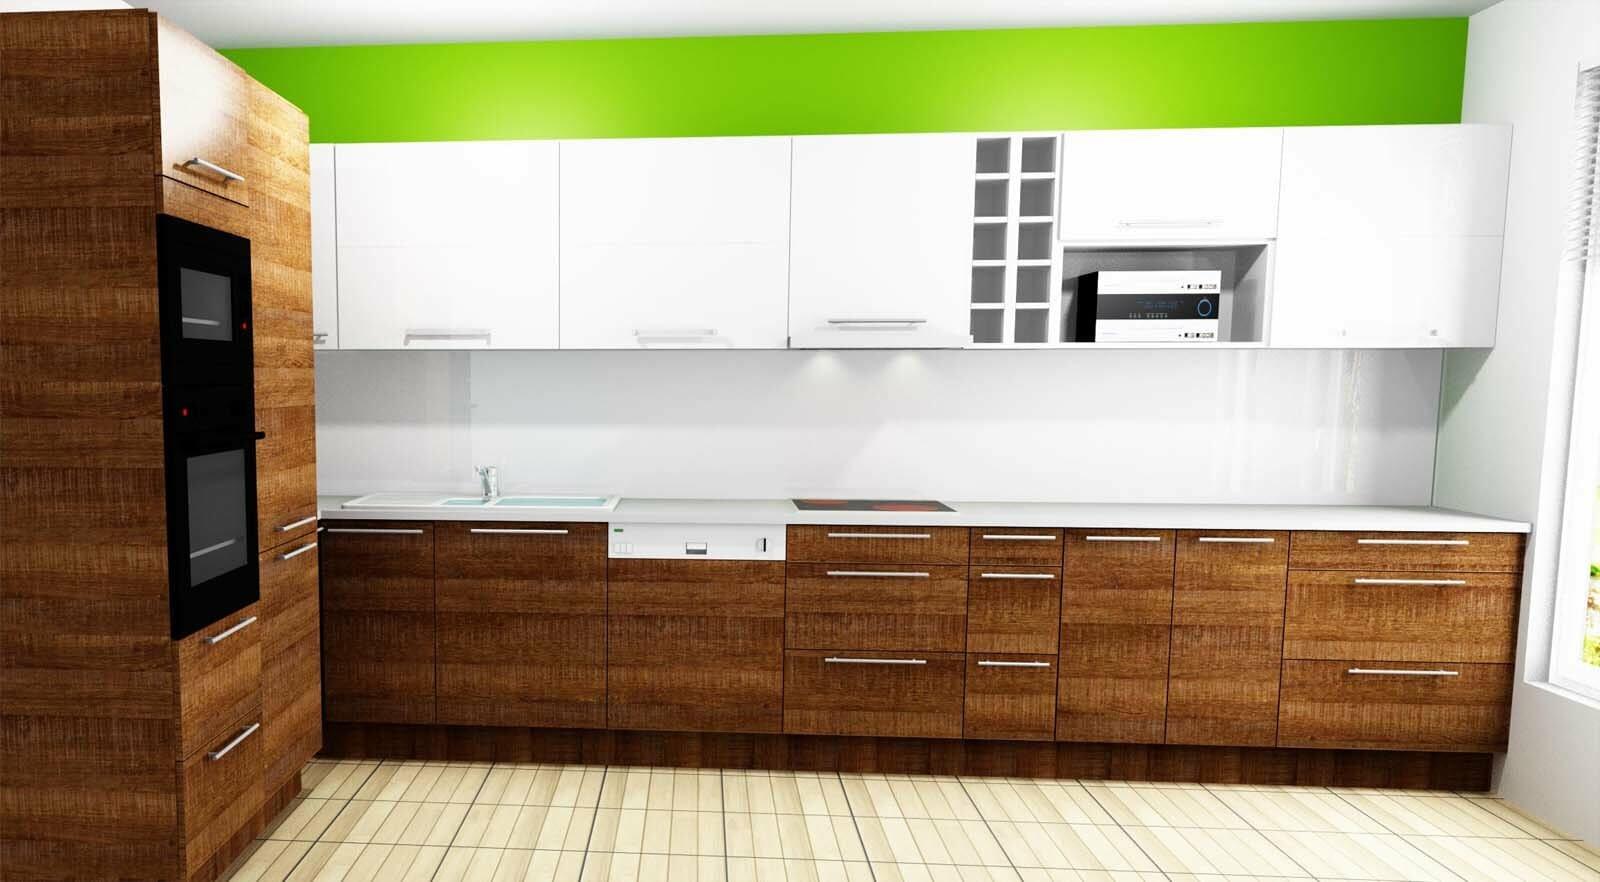 Egyedi konyhabútor készítés 3D látványtervvel, magasfényű akril felső, fa alsó elemekkel, rejtett LED világítással és beépített tolóajtóval